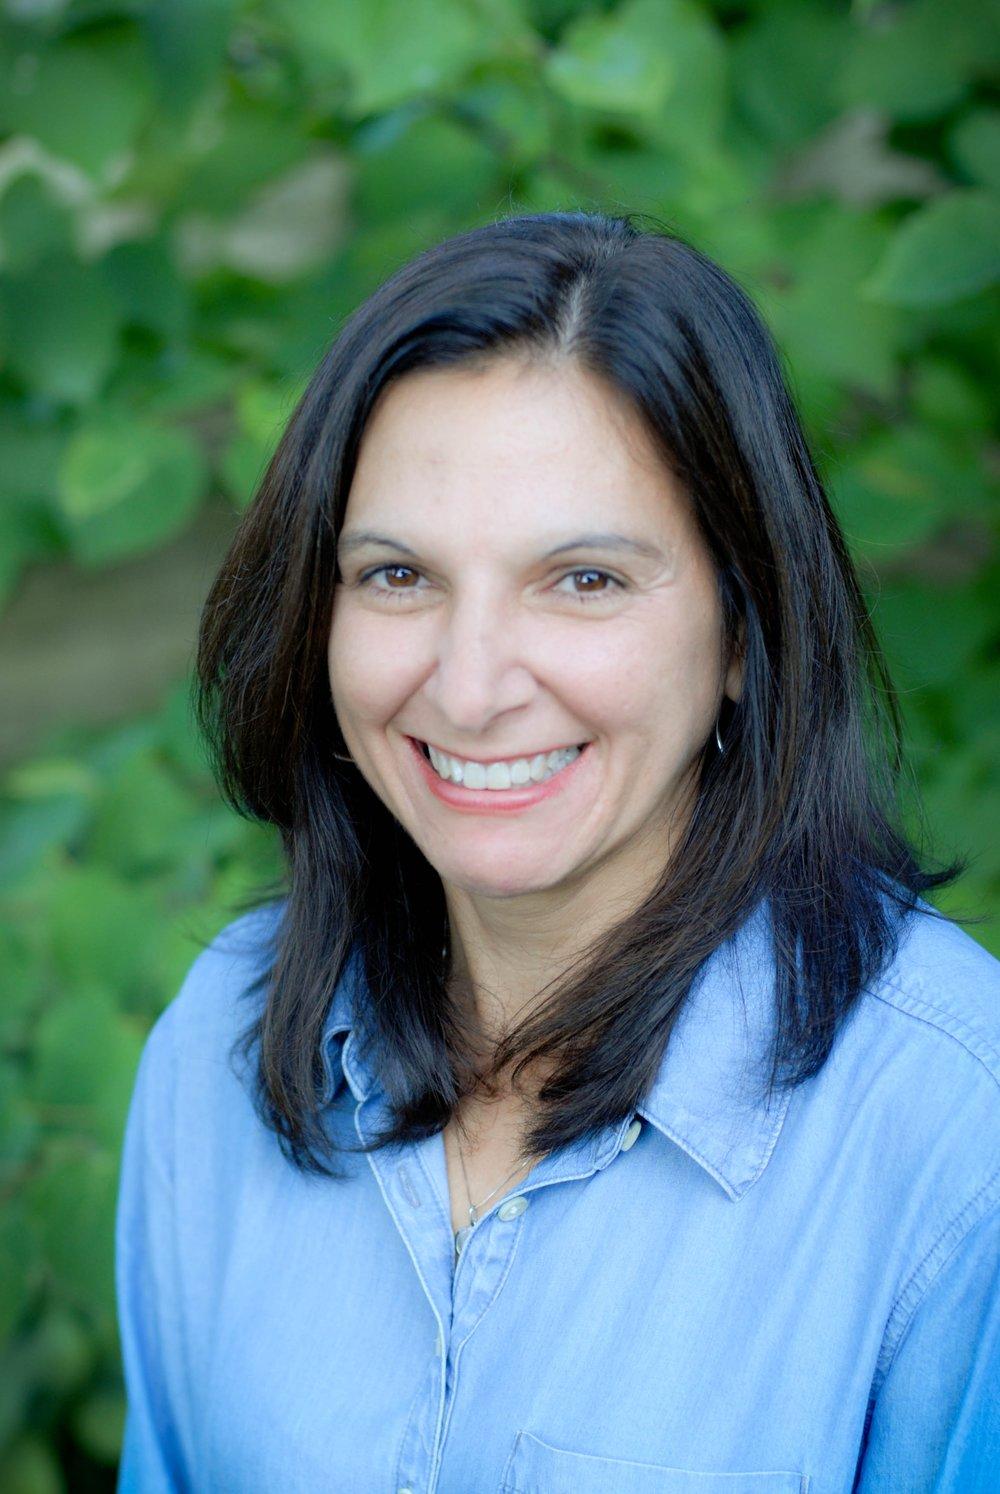 Amy Lovell, President